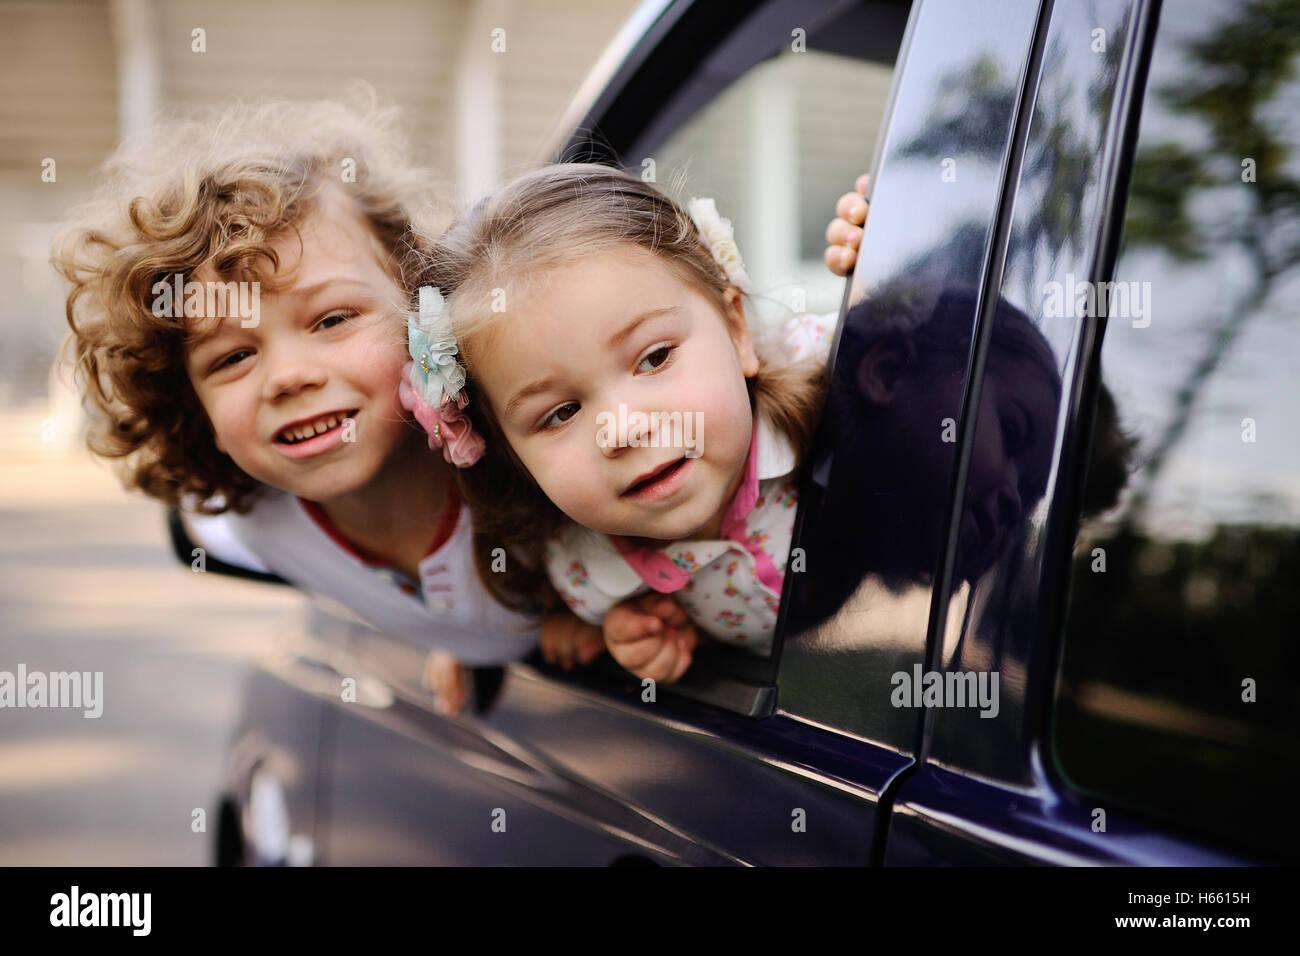 Los niños mirar desde una ventana de coche Foto de stock